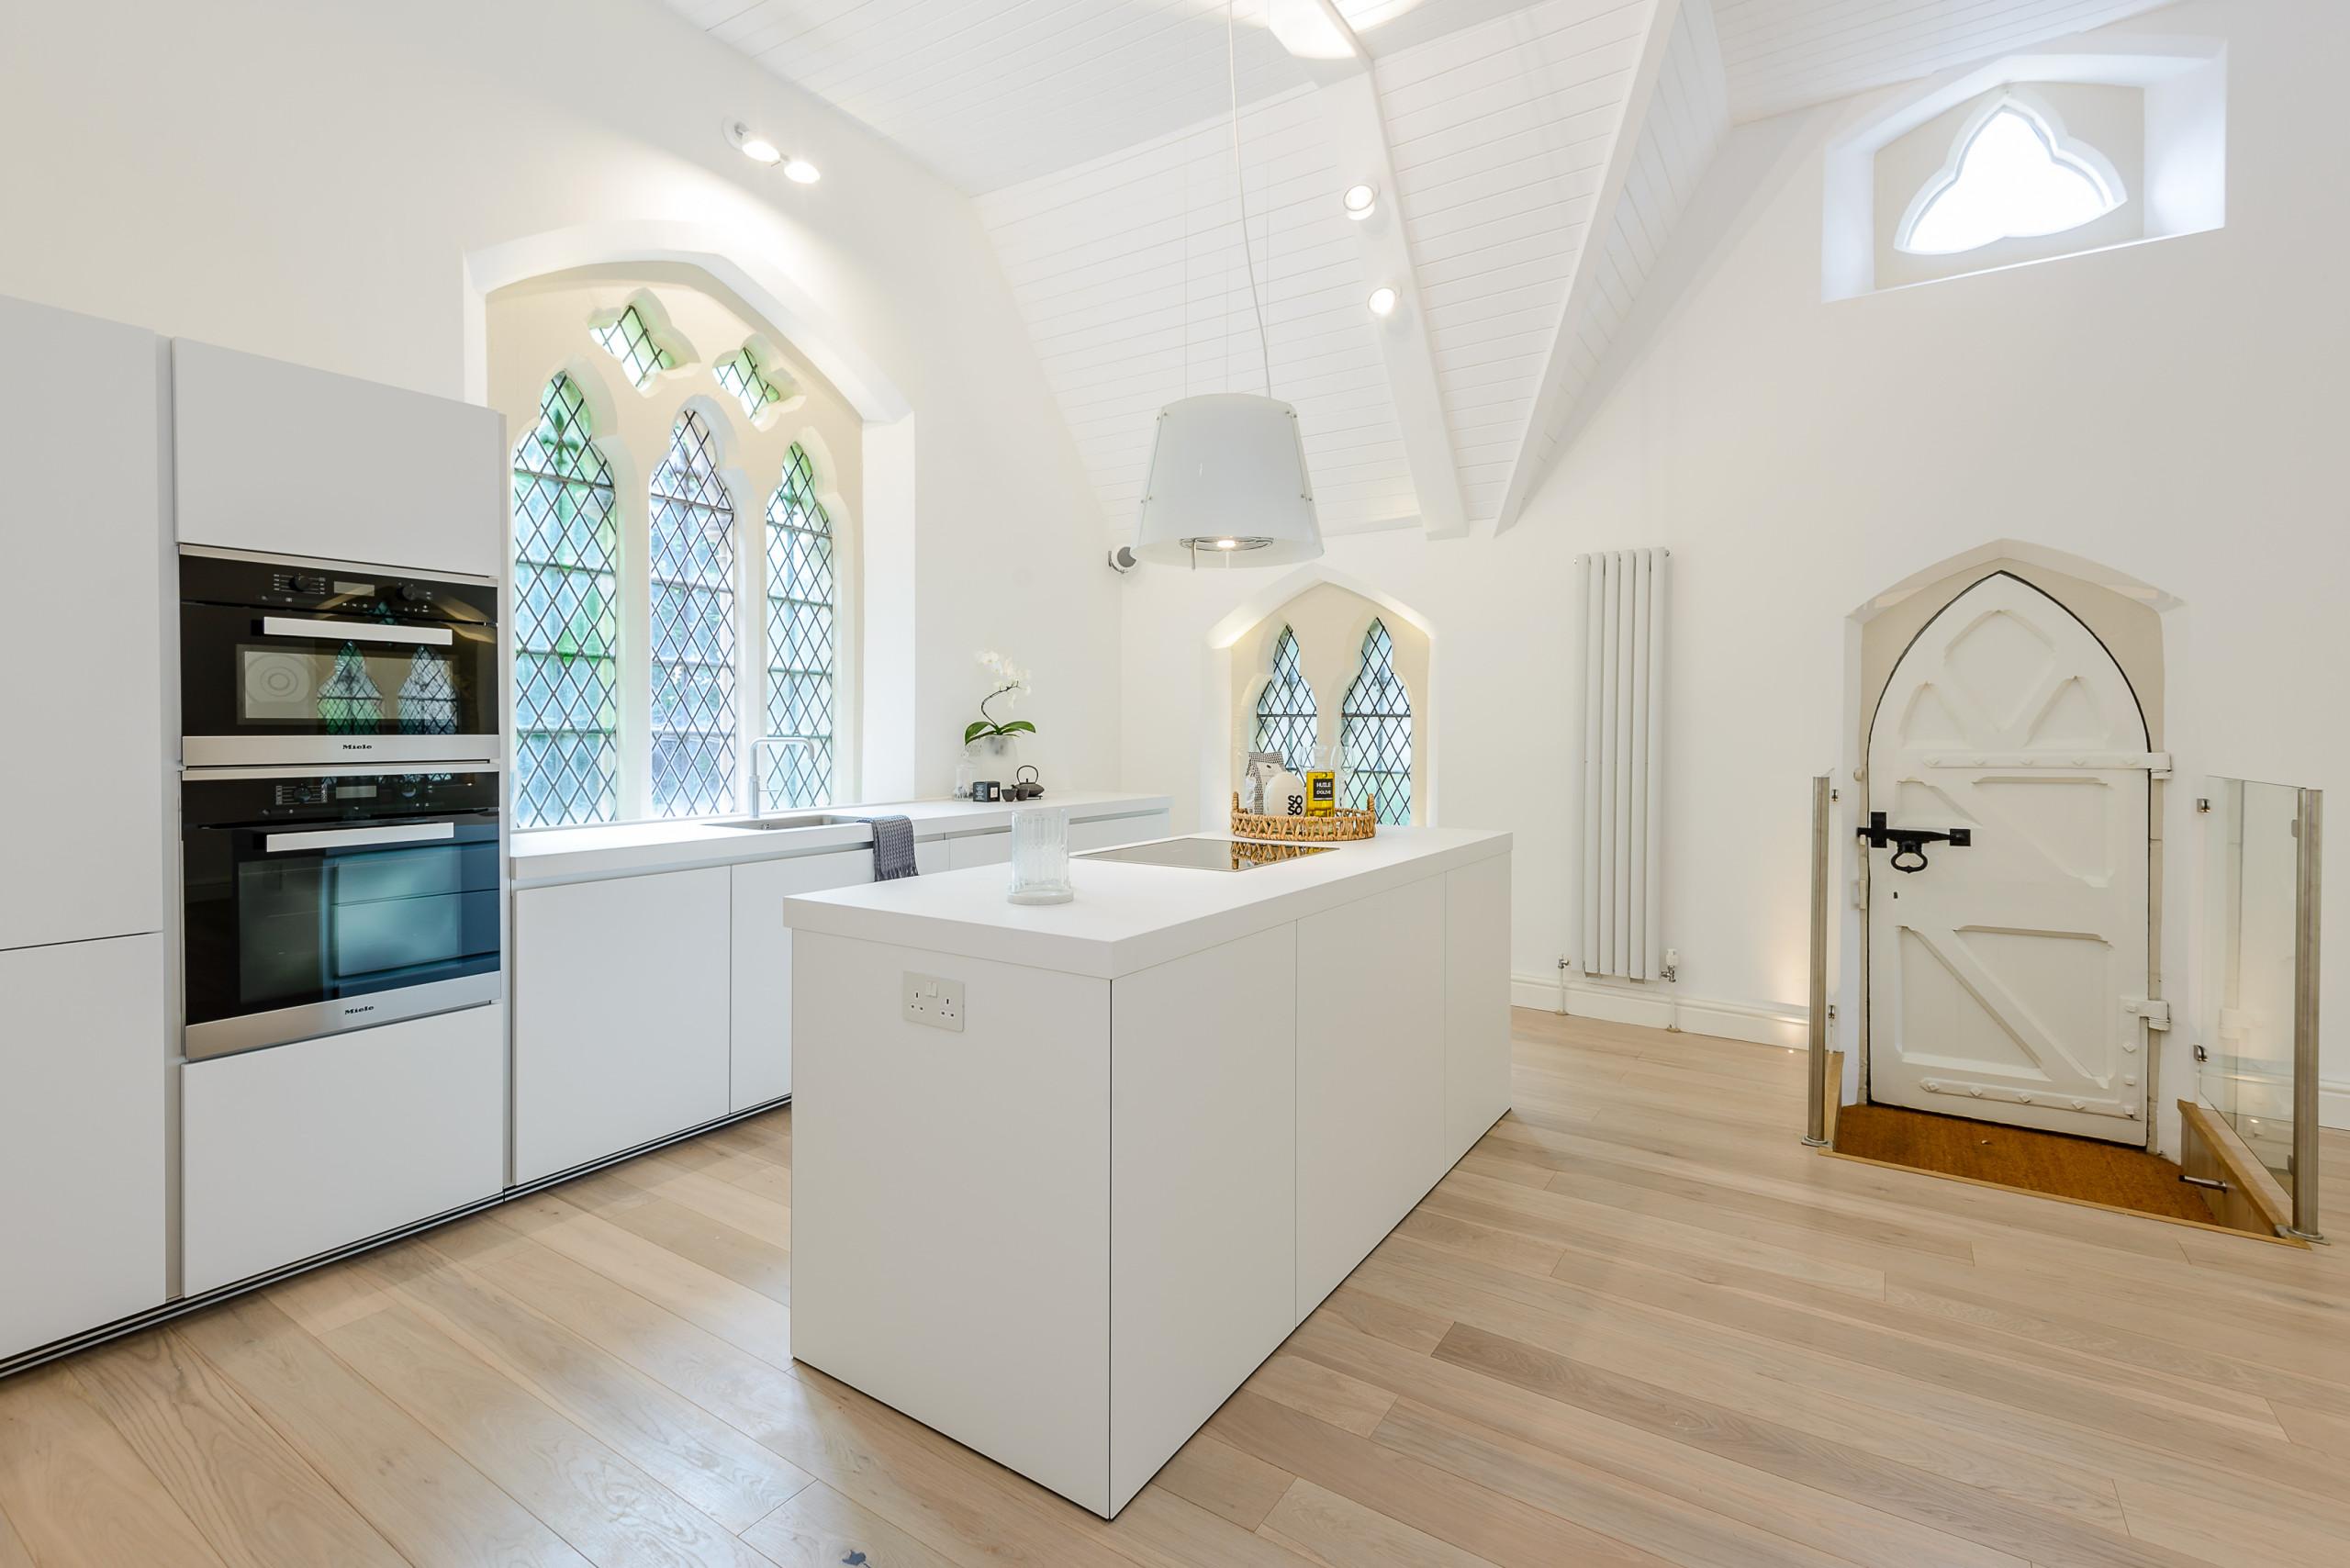 Church Kitchen Ideas & Photos | Houzz